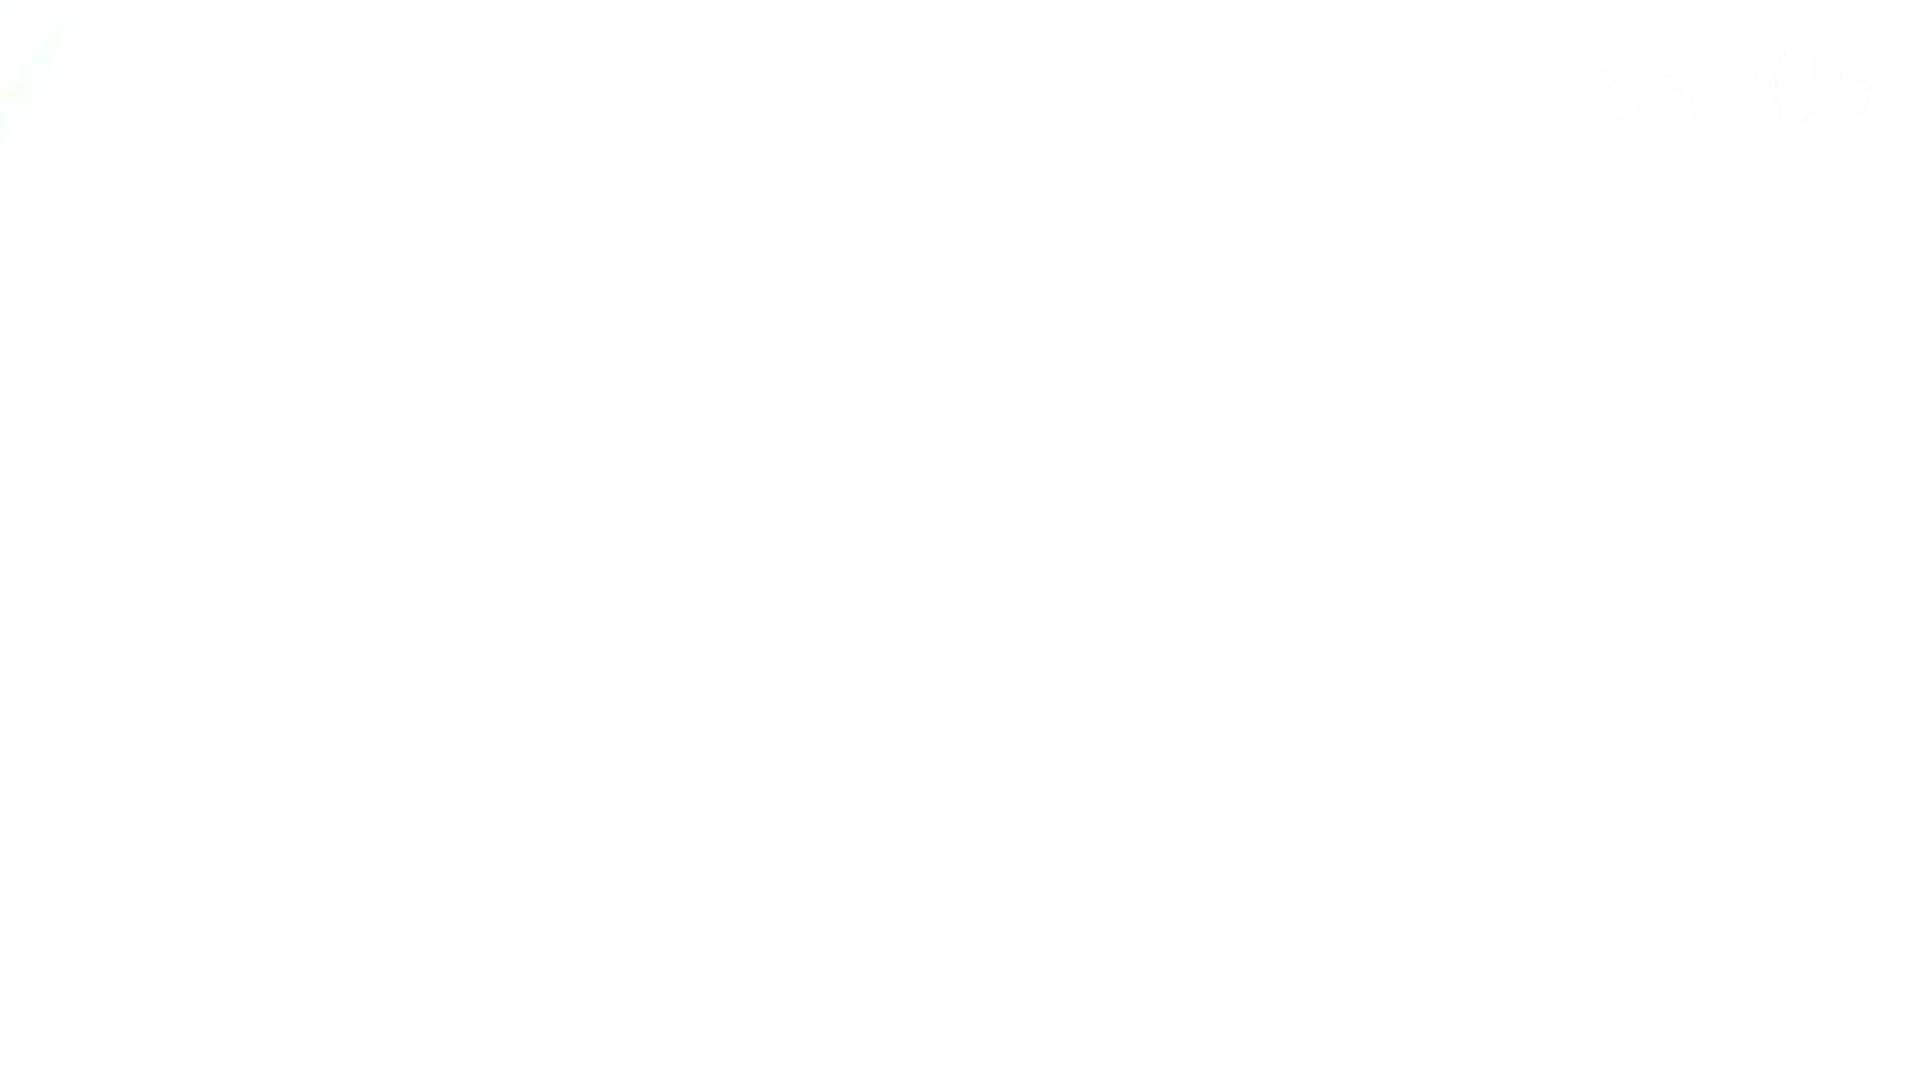 おまんこ:▲復活限定▲ハイビジョン 盗神伝 Vol.5:怪盗ジョーカー